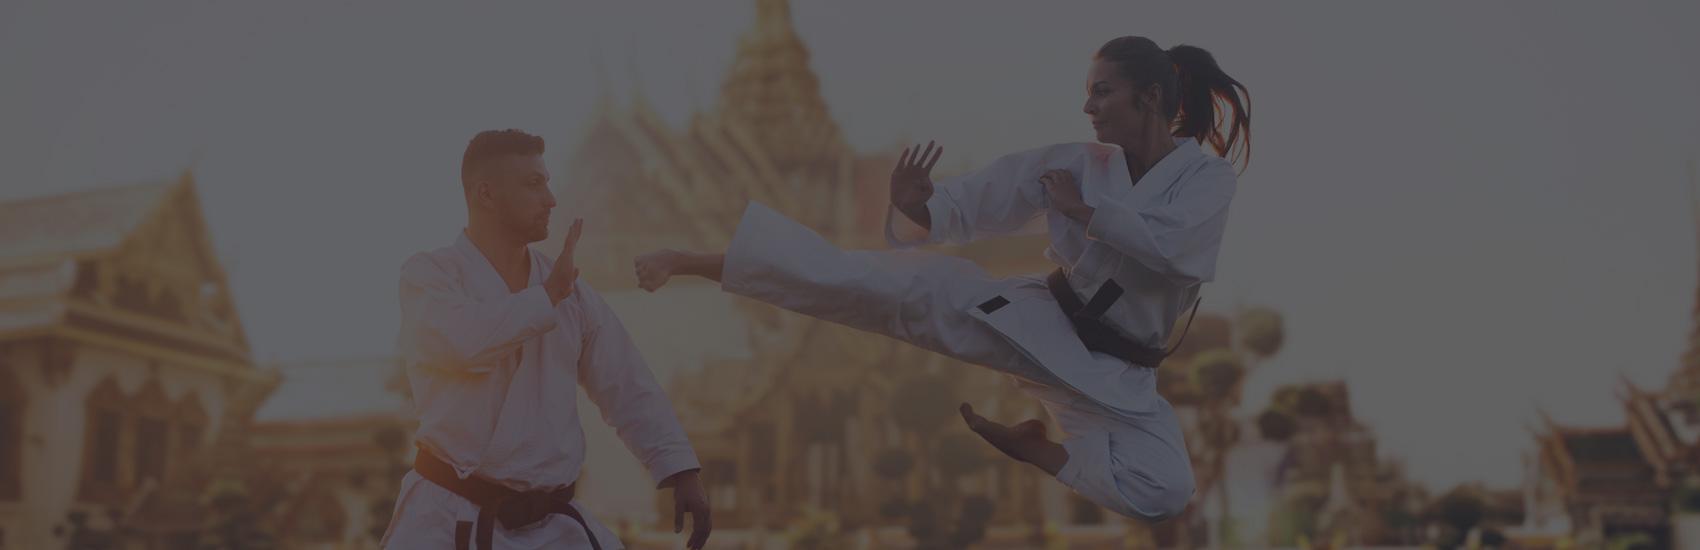 11 médaillées en judo dans notre région